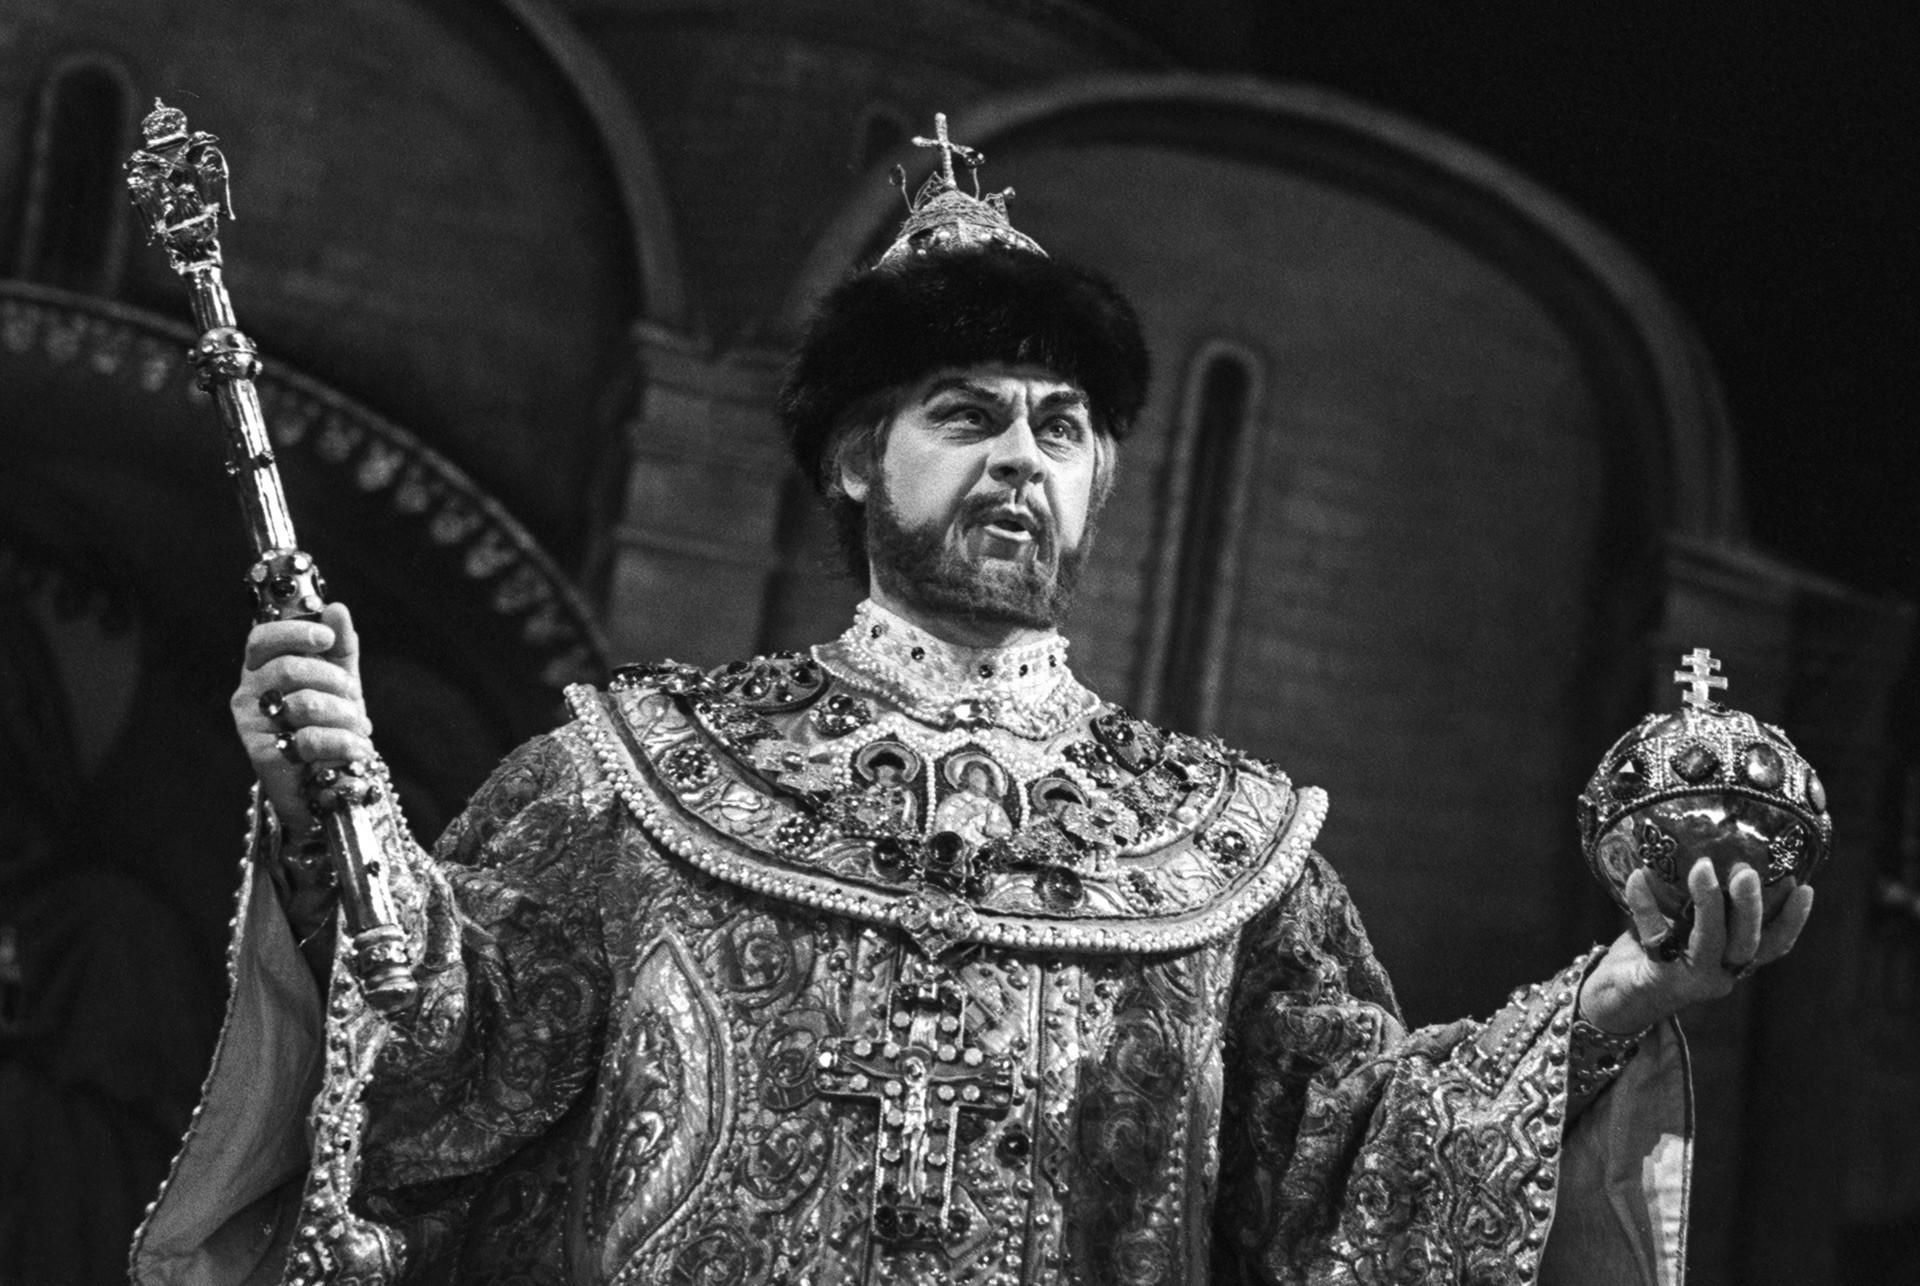 Ruski glumac Aleksandr Ognjivcev u predstavi